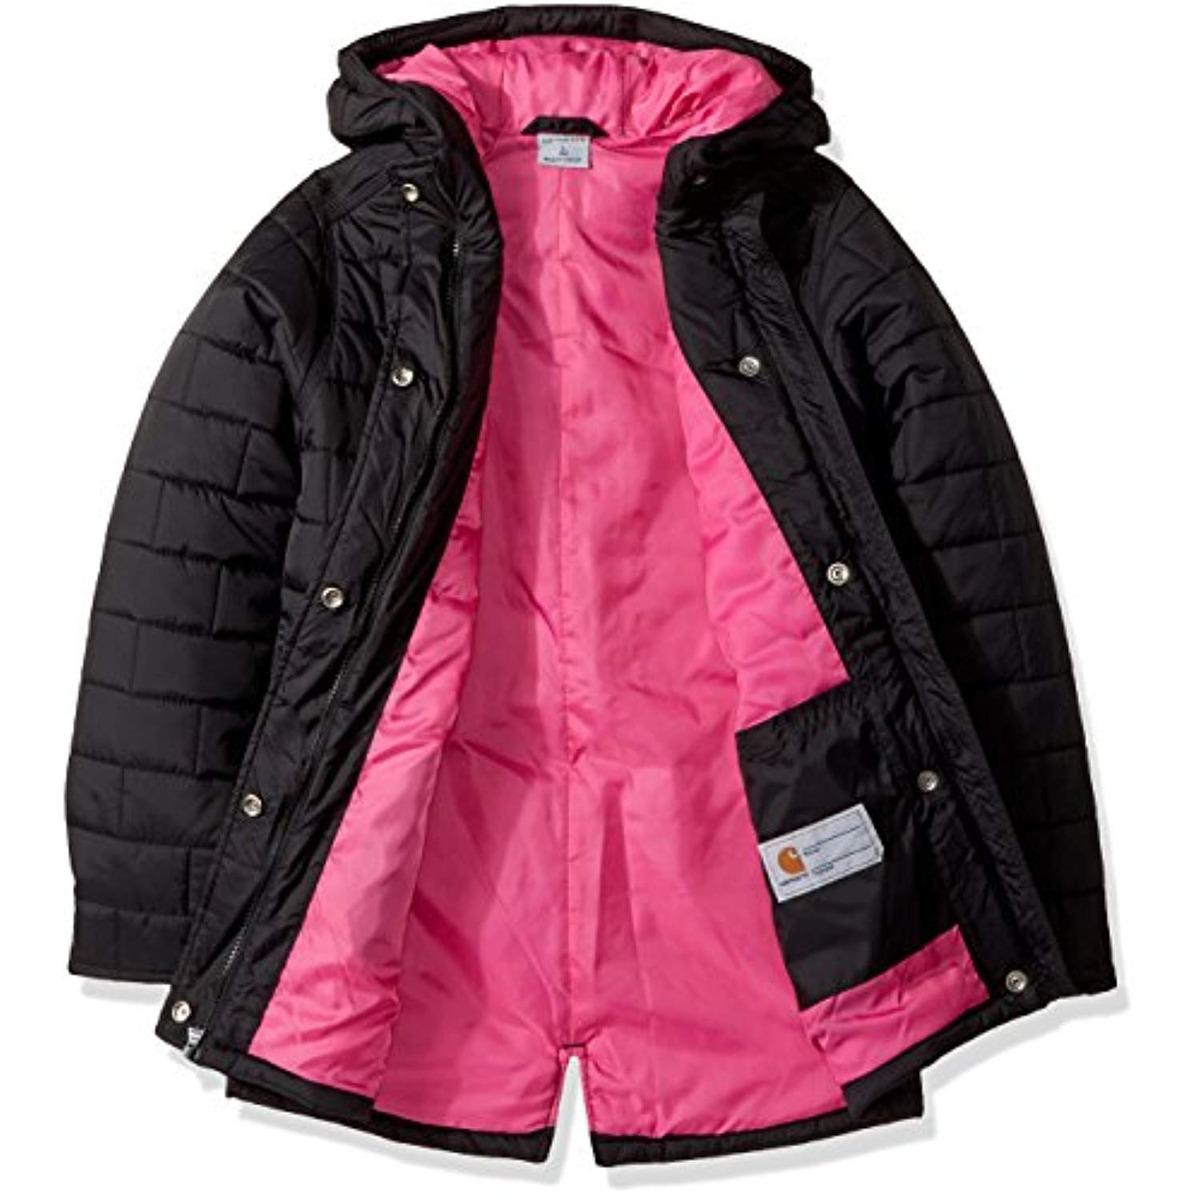 42d2f4a89b0f6 Carhartt Girls Amoret Quilted Jacket - $ 3,182.41 en Mercado Libre